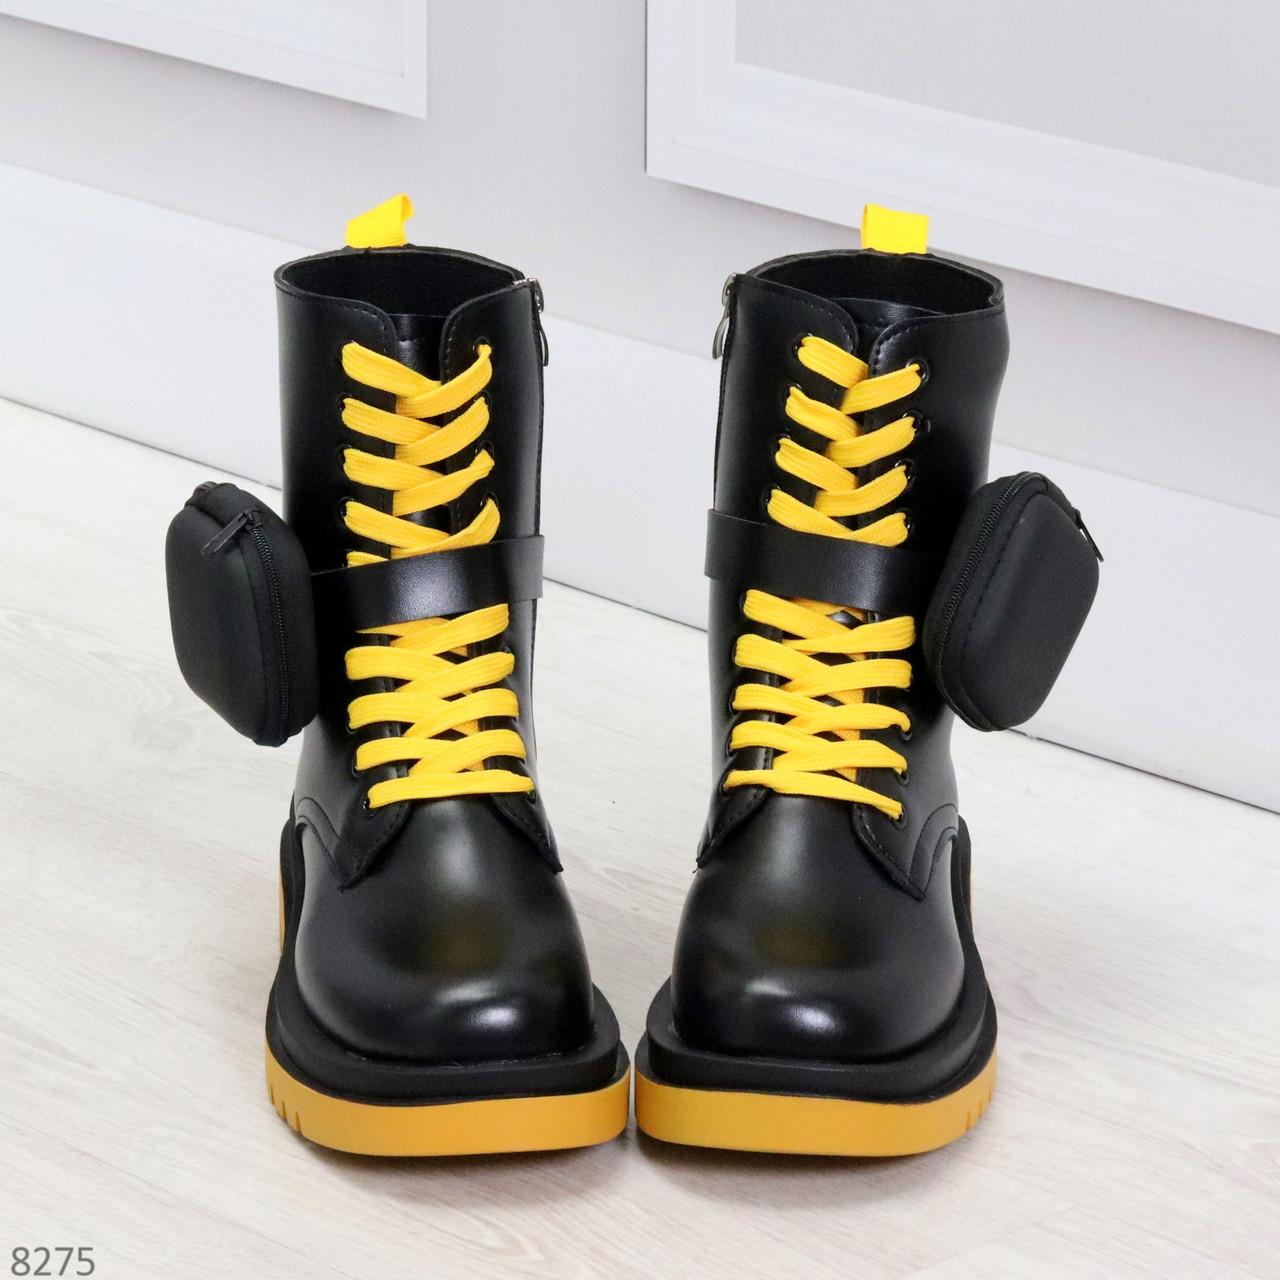 Дизайнерские яркие черные женские ботинки с кошельками на желтой шнуровке